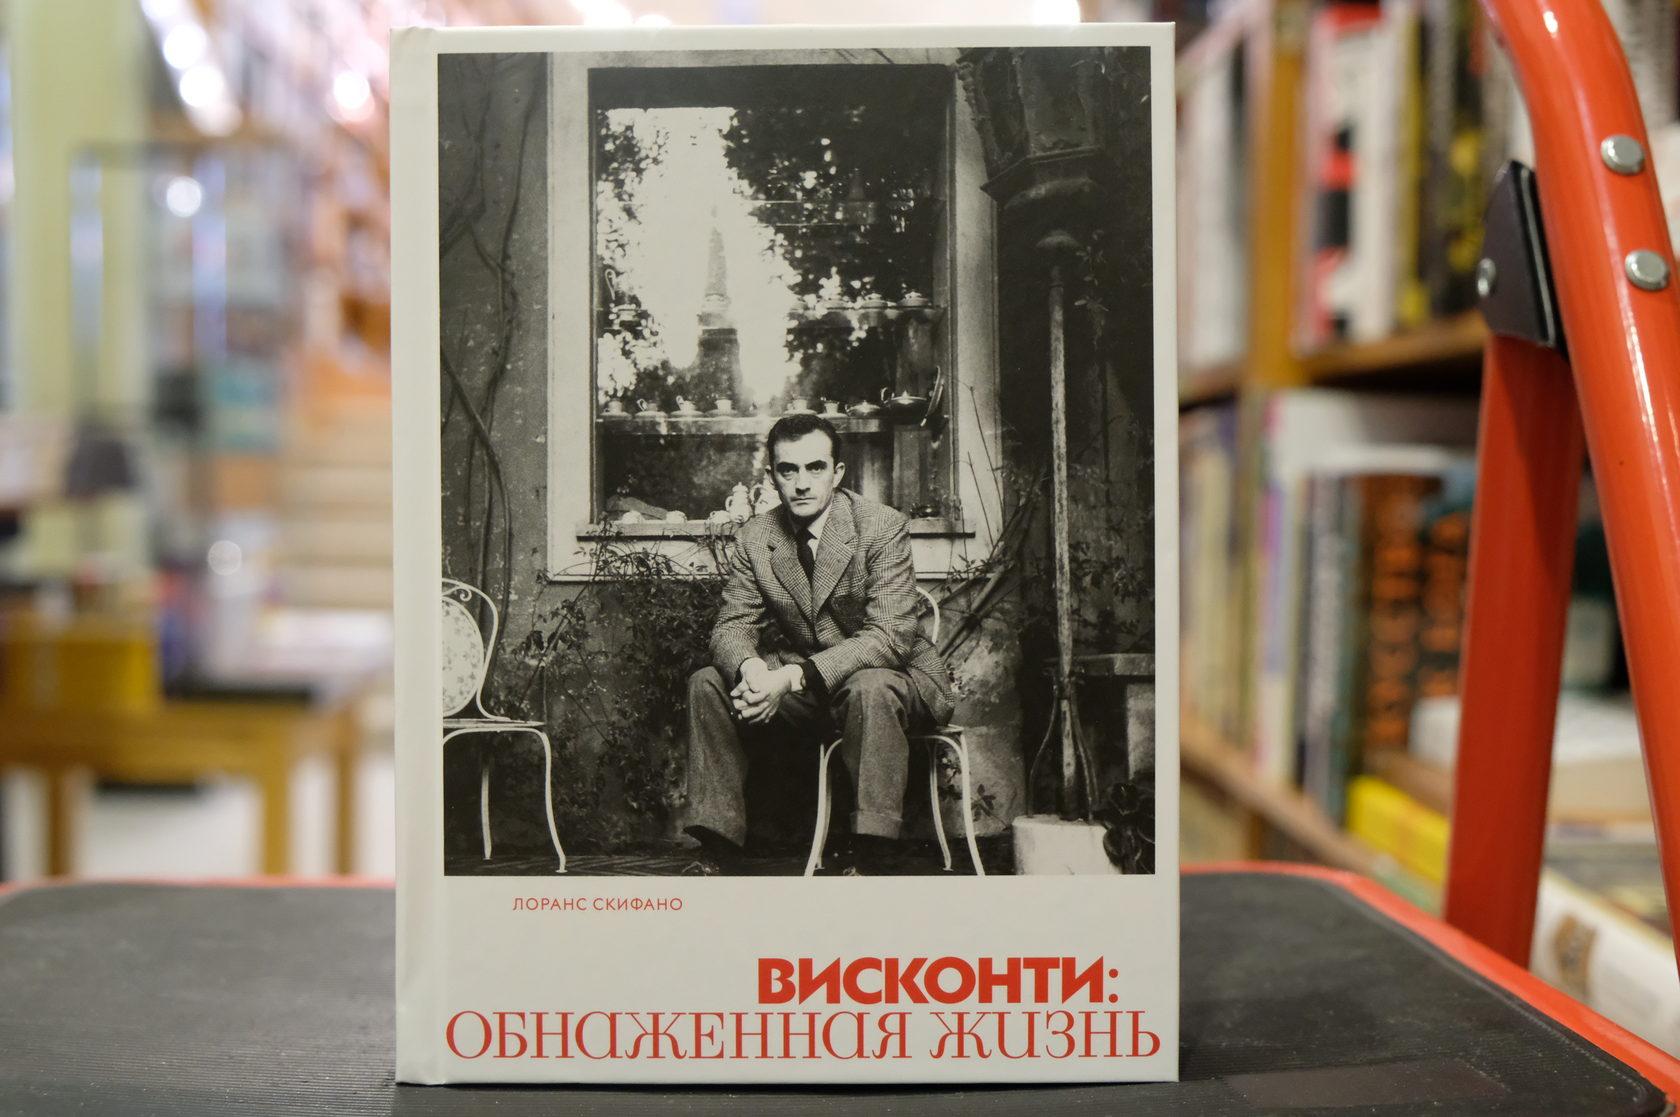 Купить книгу Лоранс Скифано «Висконти: обнаженная жизнь», Роузбад, 9-785-905712-10-4